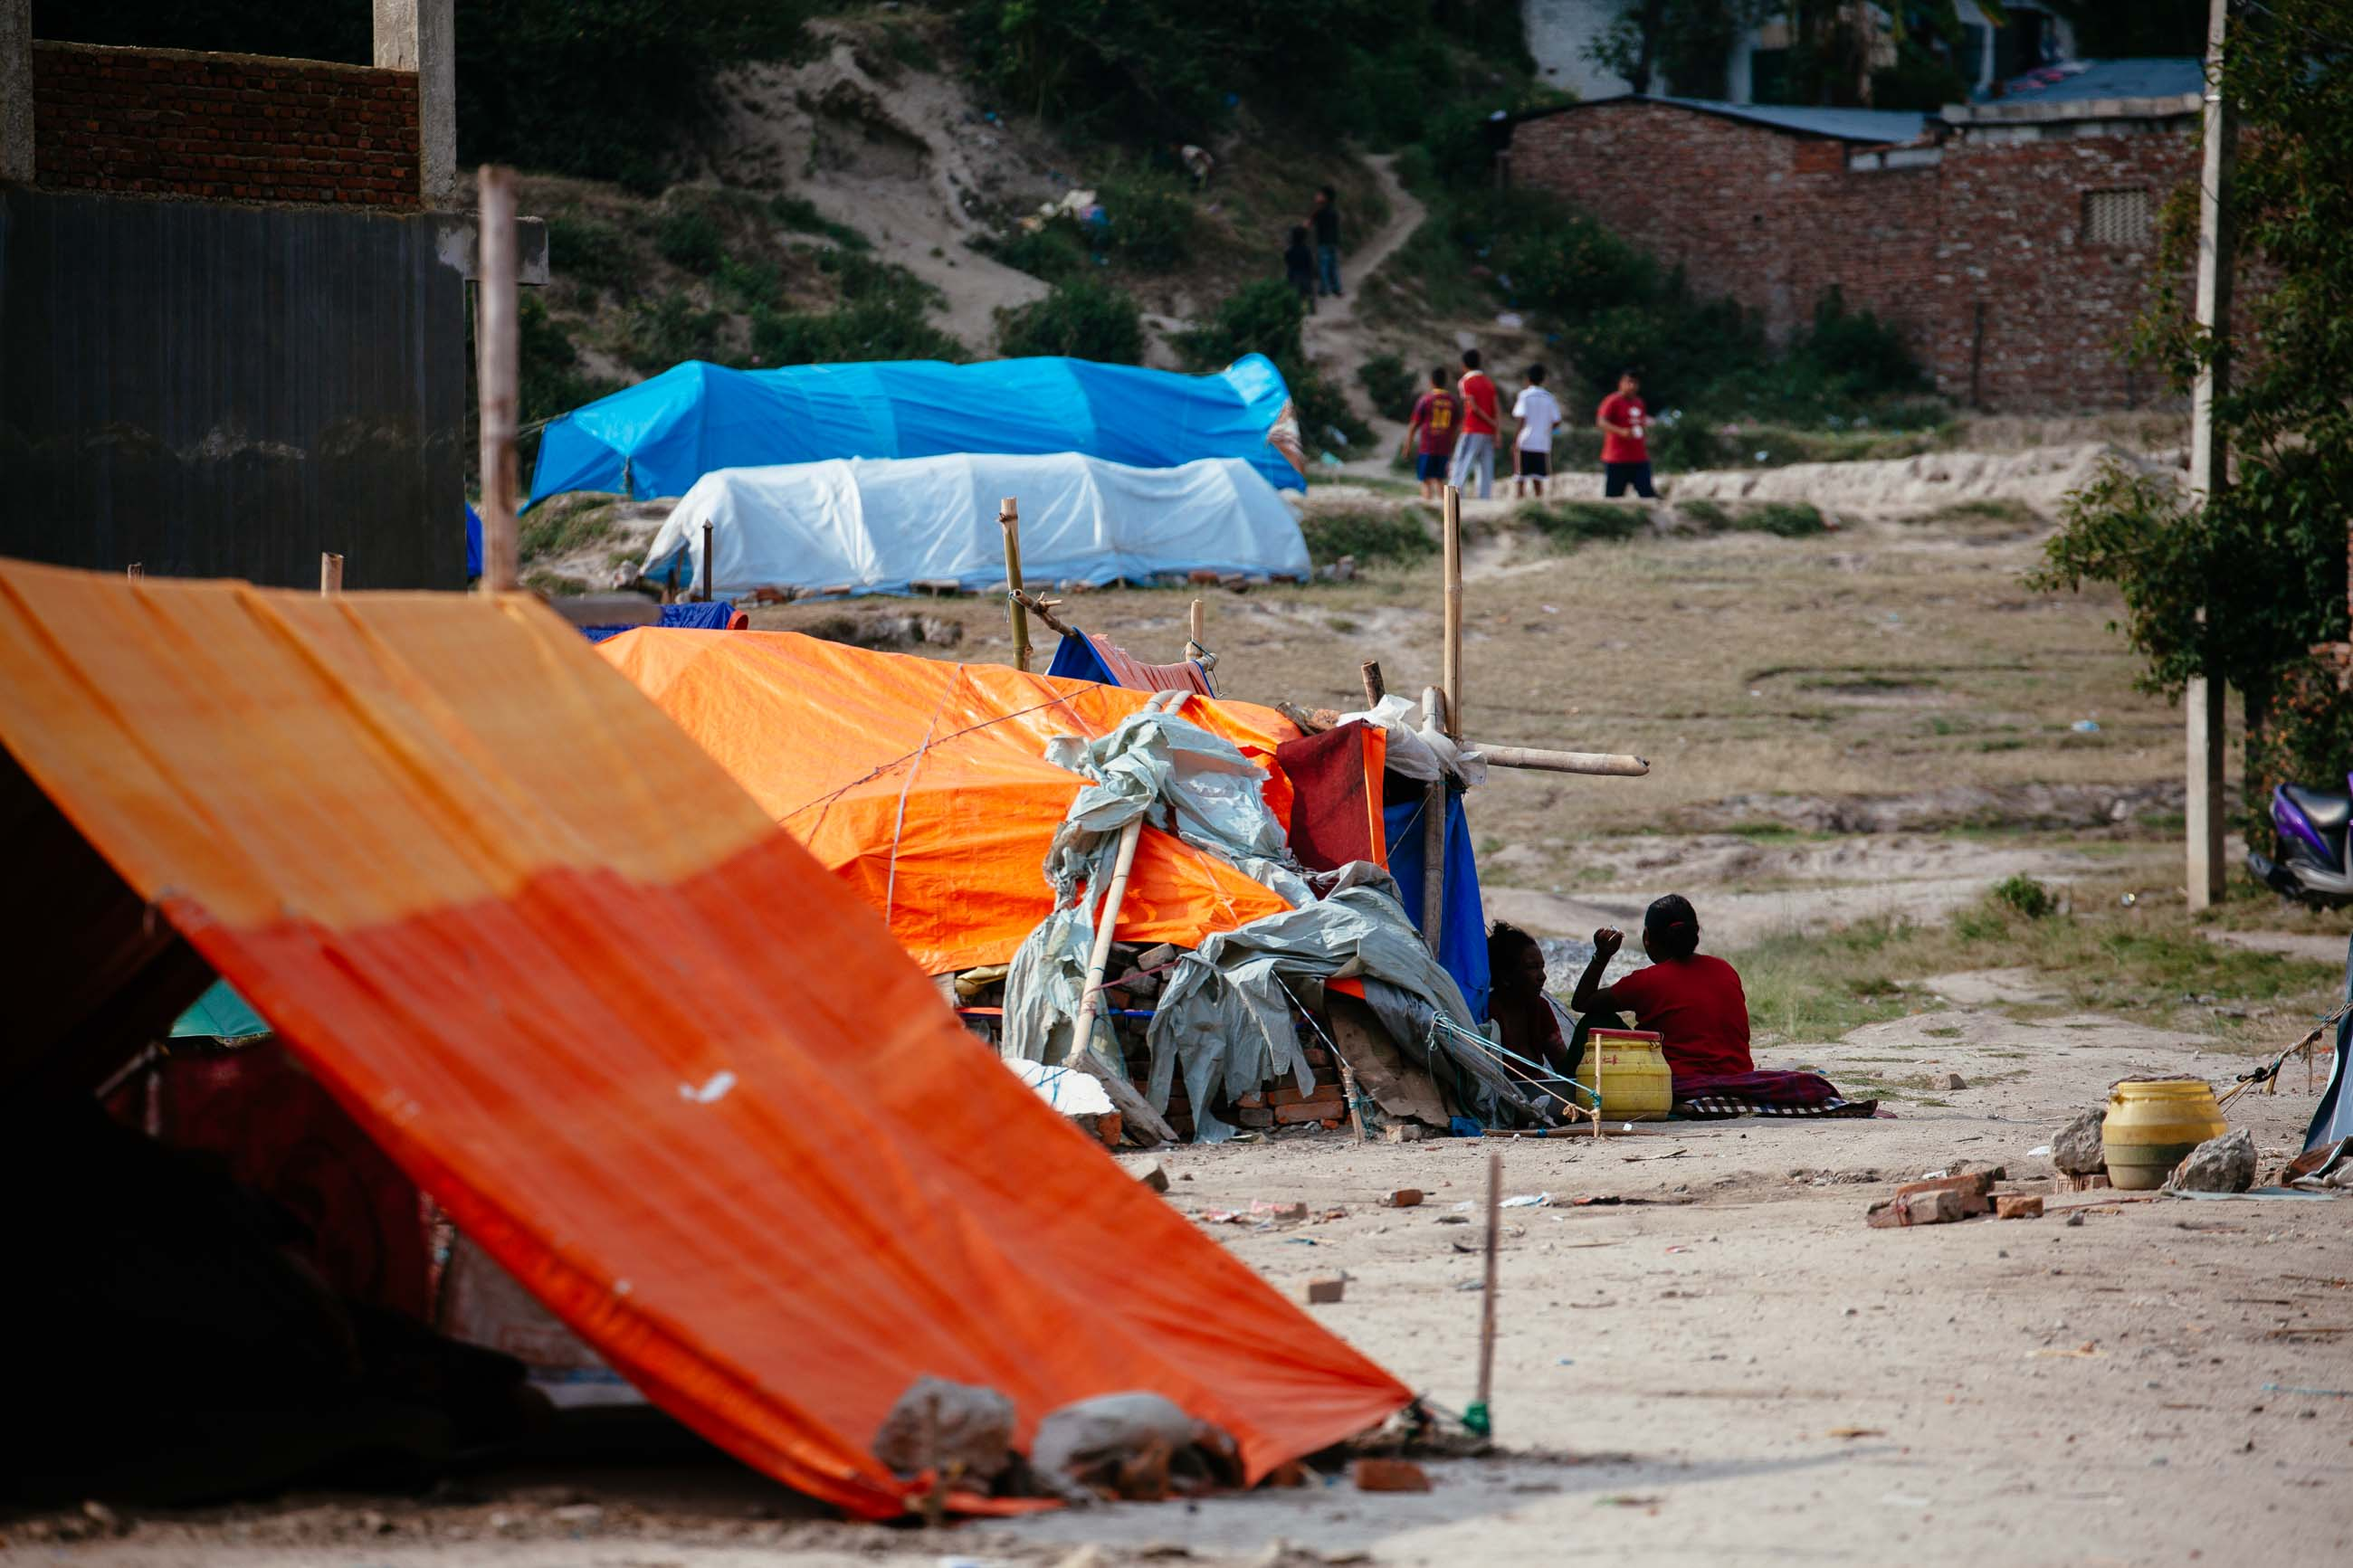 Tents in Kathmandu, Nepal Jun 2015